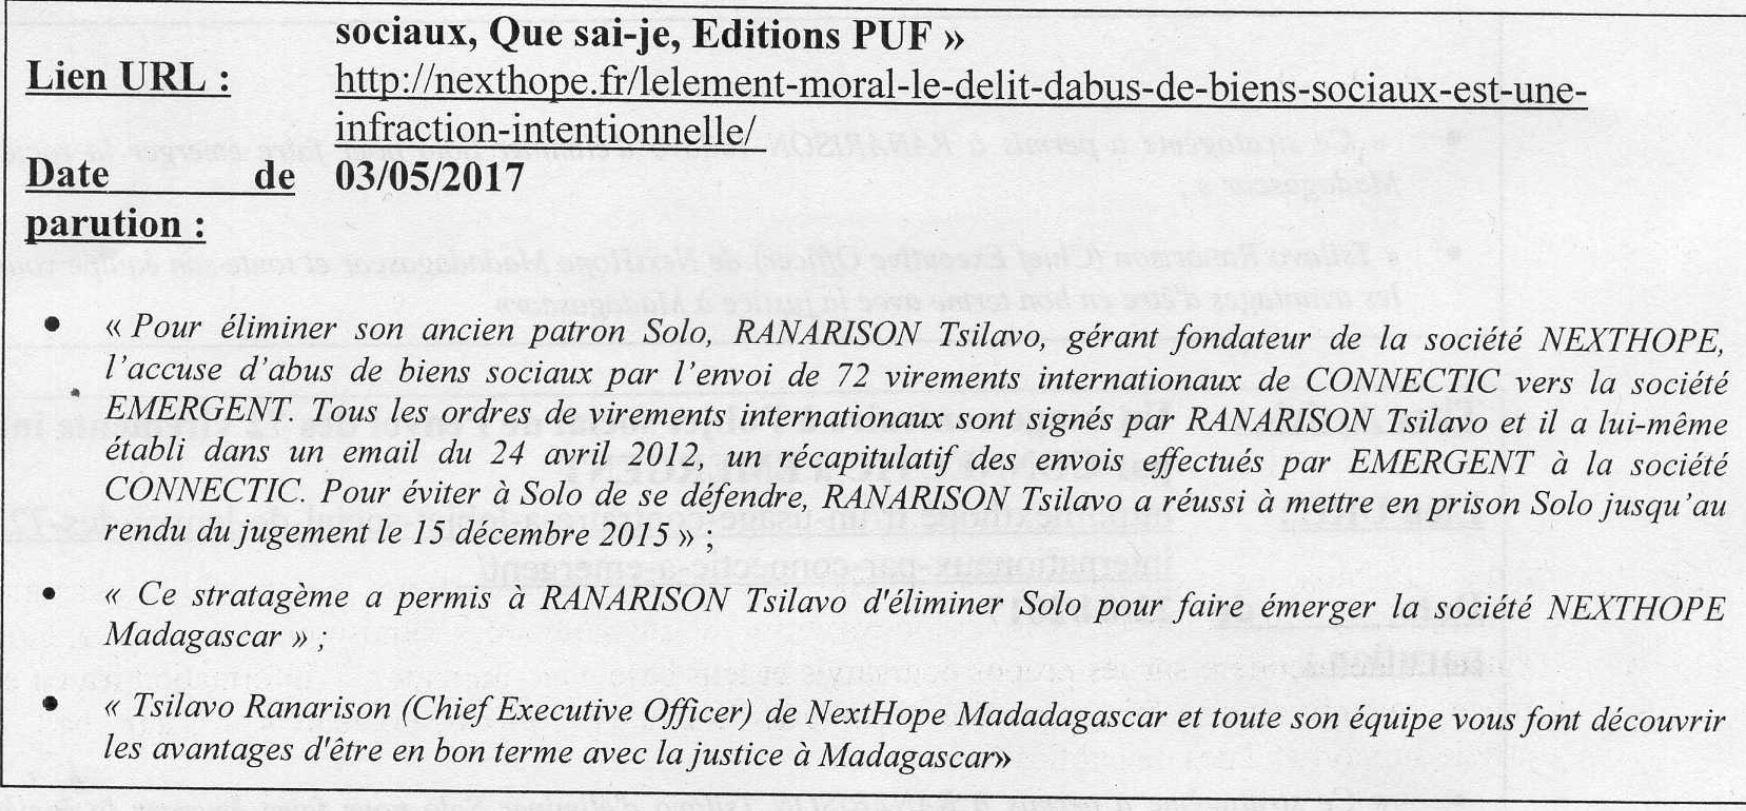 Tsilavo RANARISON de NextHope Madagascar et toute son équipe vous font découvrir les avantages d'être en bon terme avec la justice à Madagascar